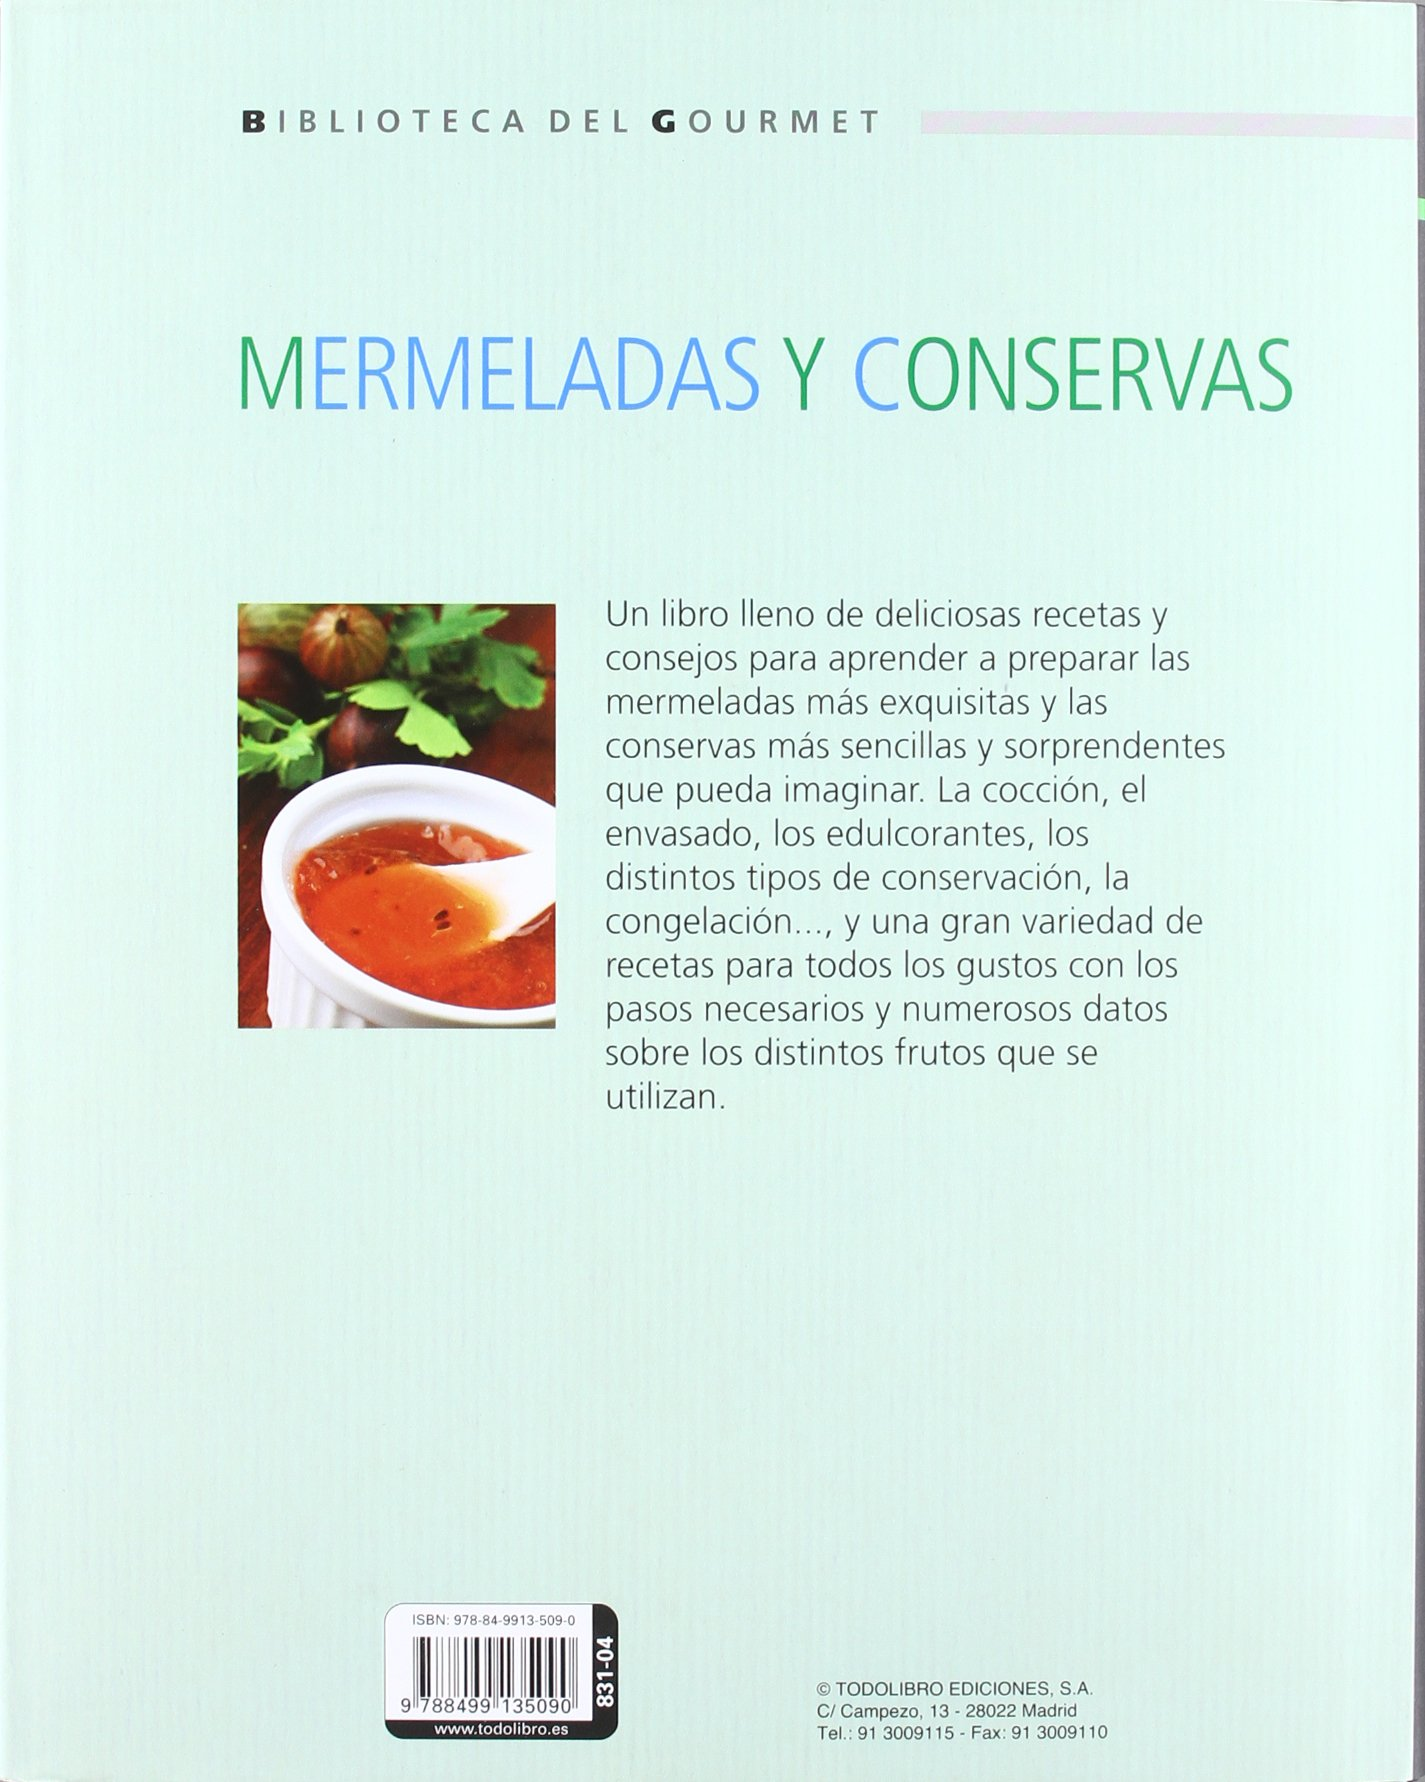 Mermeladas y conservas (Biblioteca del gourmet): Amazon.es: Todolibro: Libros